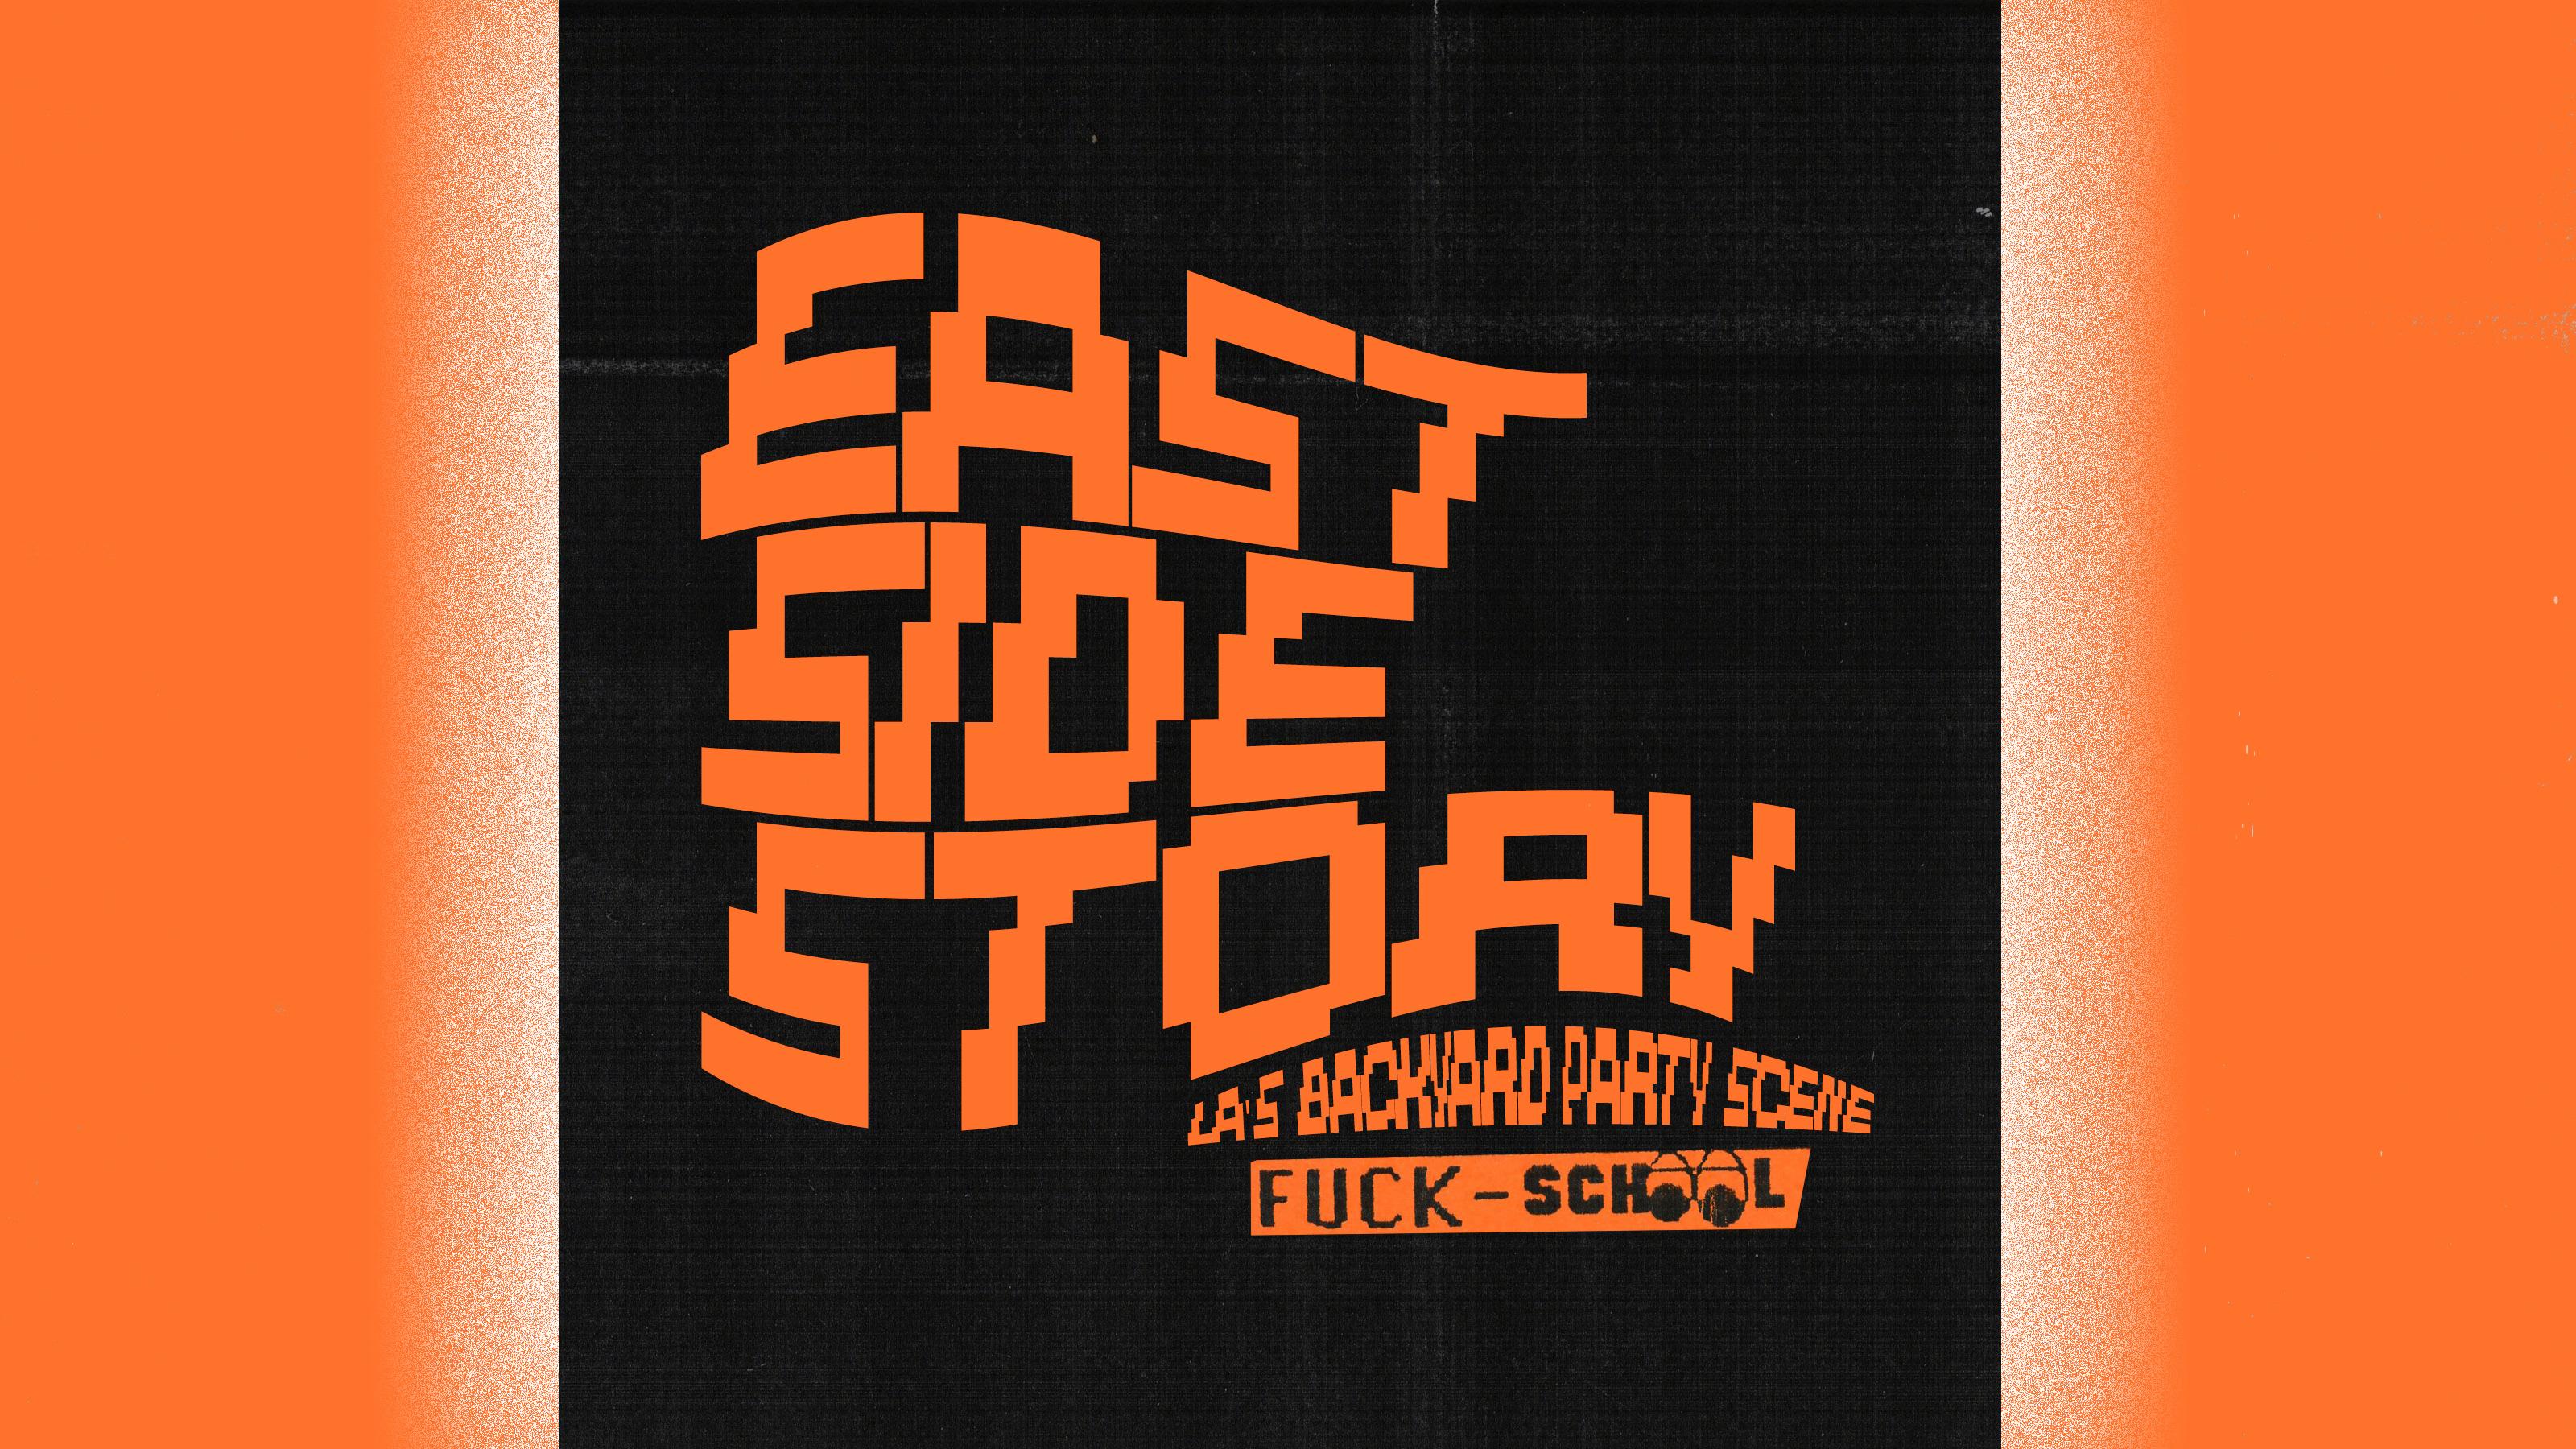 East Side story: LA's backyard party scene